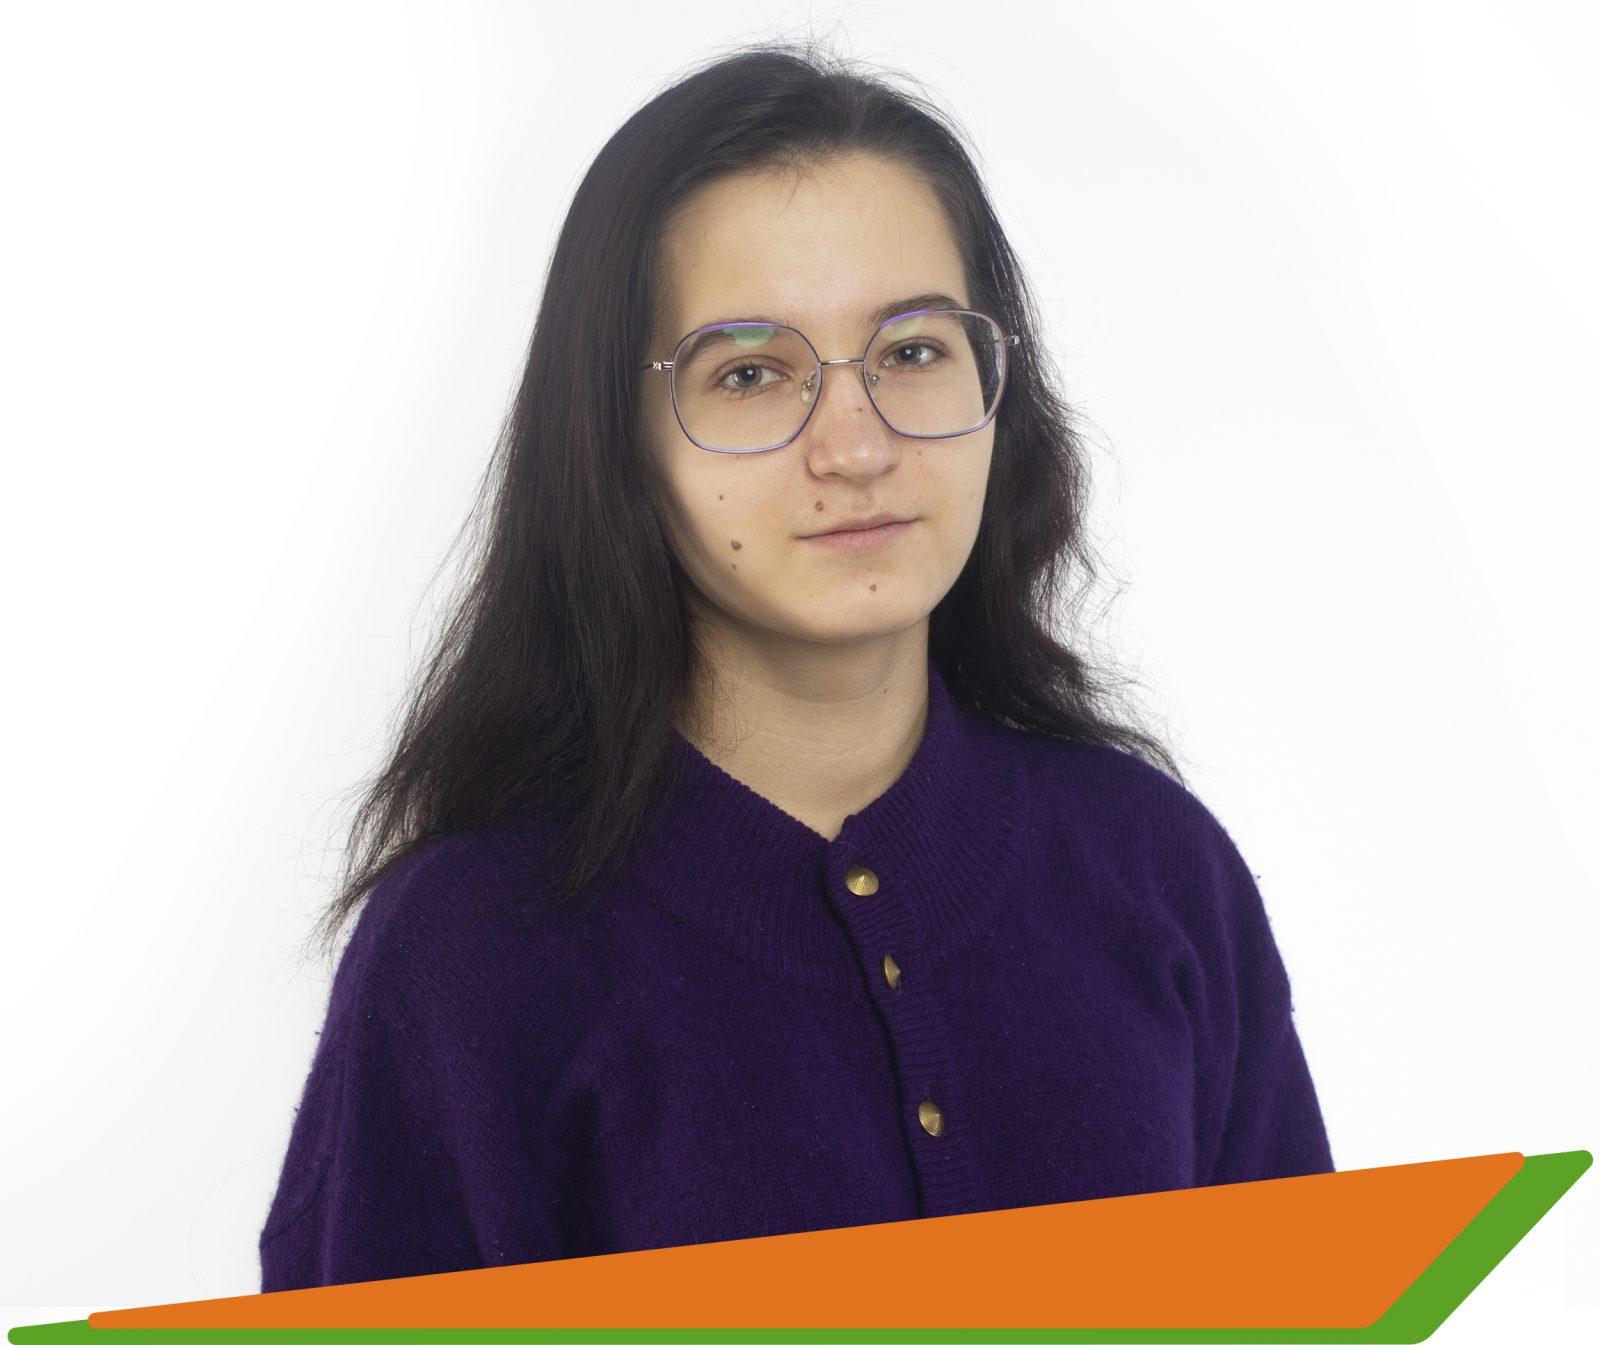 Шипатова Ольга Владимировна - - преподаватель английского и французского языков